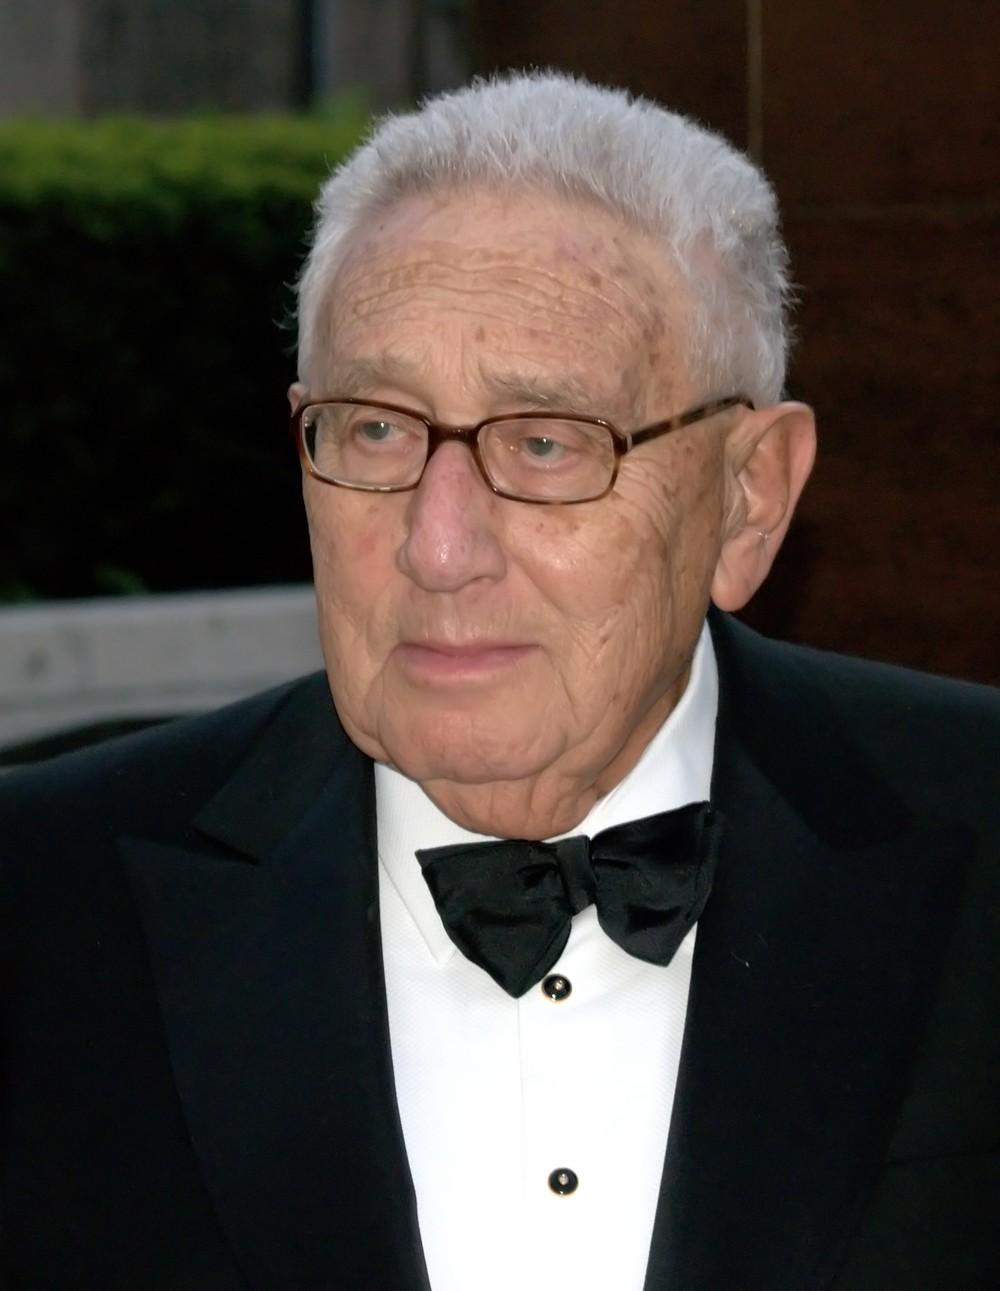 Former U.S. secretaryof state Henry Kissinger. Credit: David Shankbone.